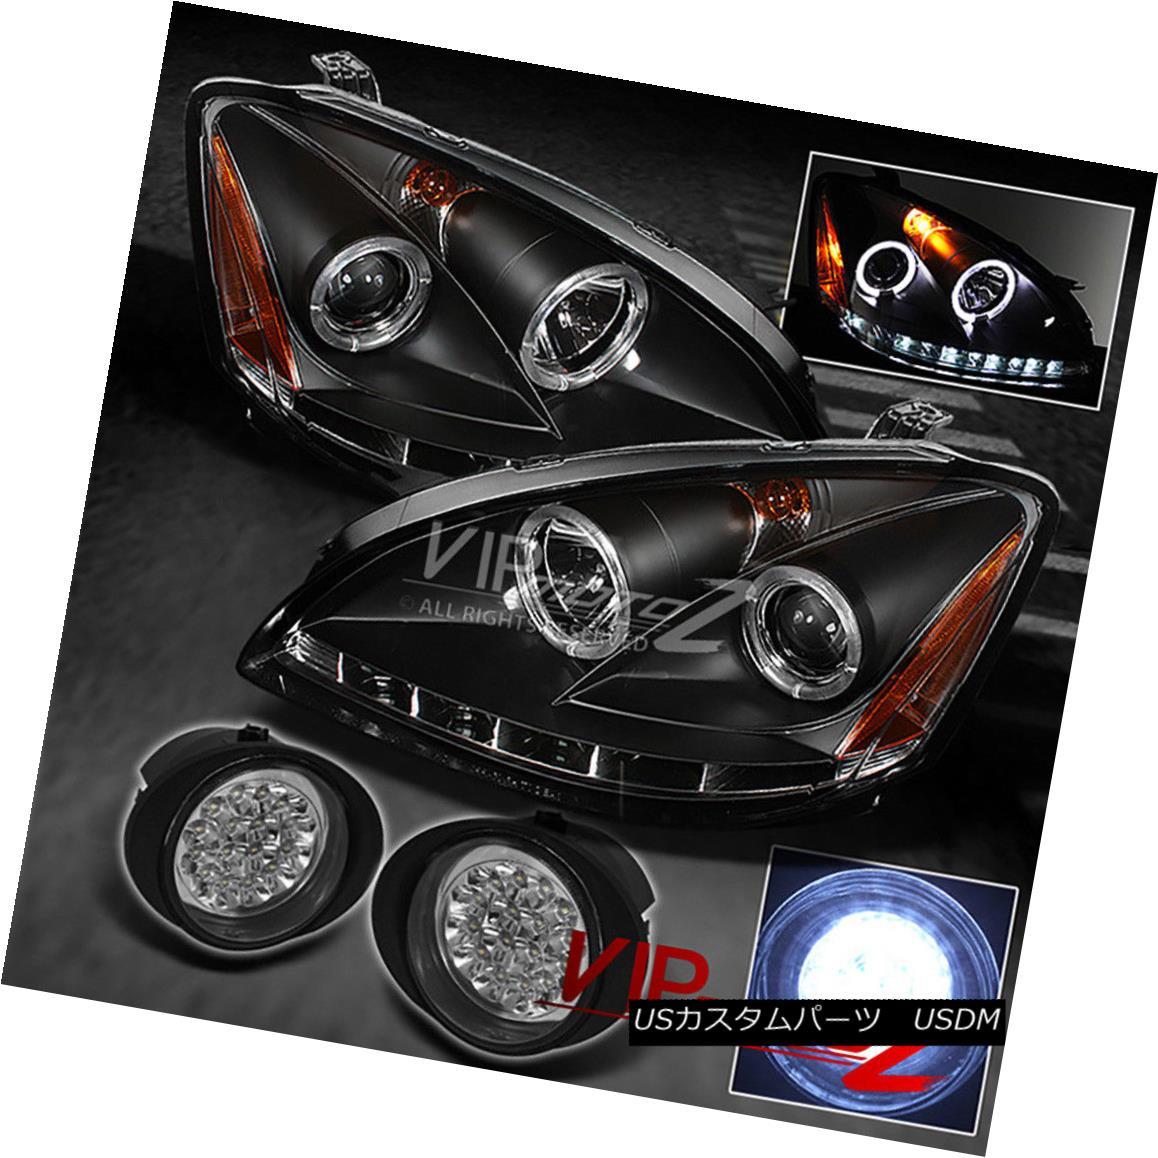 ヘッドライト For 02-04 Altima L+R BLACK Halo Projector Headlights+Crystal Clear Fog Light 02-04 Altima L + R BLACKハロープロジェクターヘッドライト+ Cry  stal Clear Fog Light